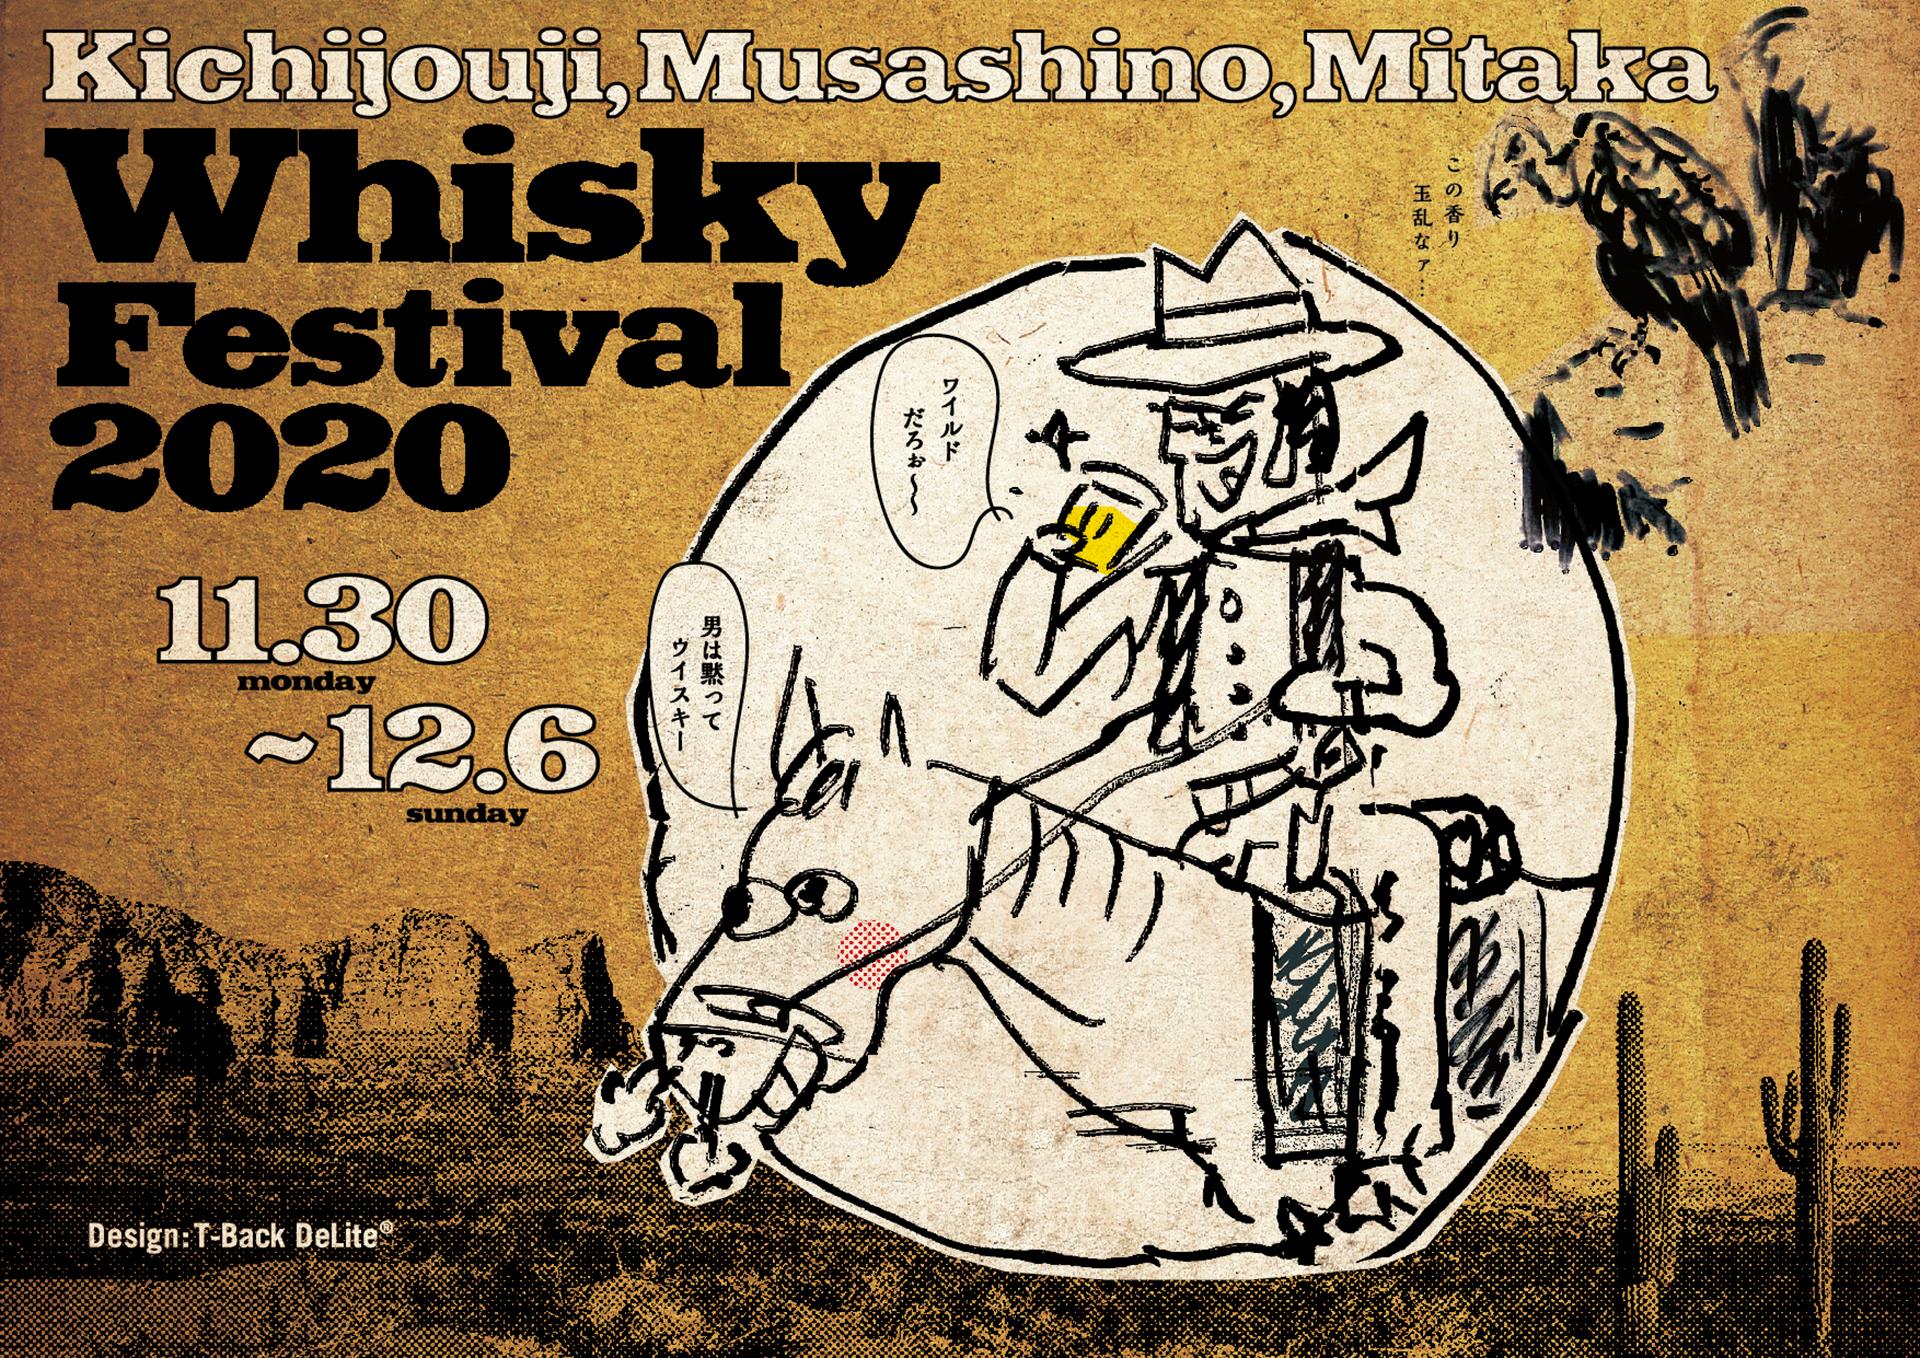 吉祥寺武蔵野三鷹ウイスキーフェスティバル2020